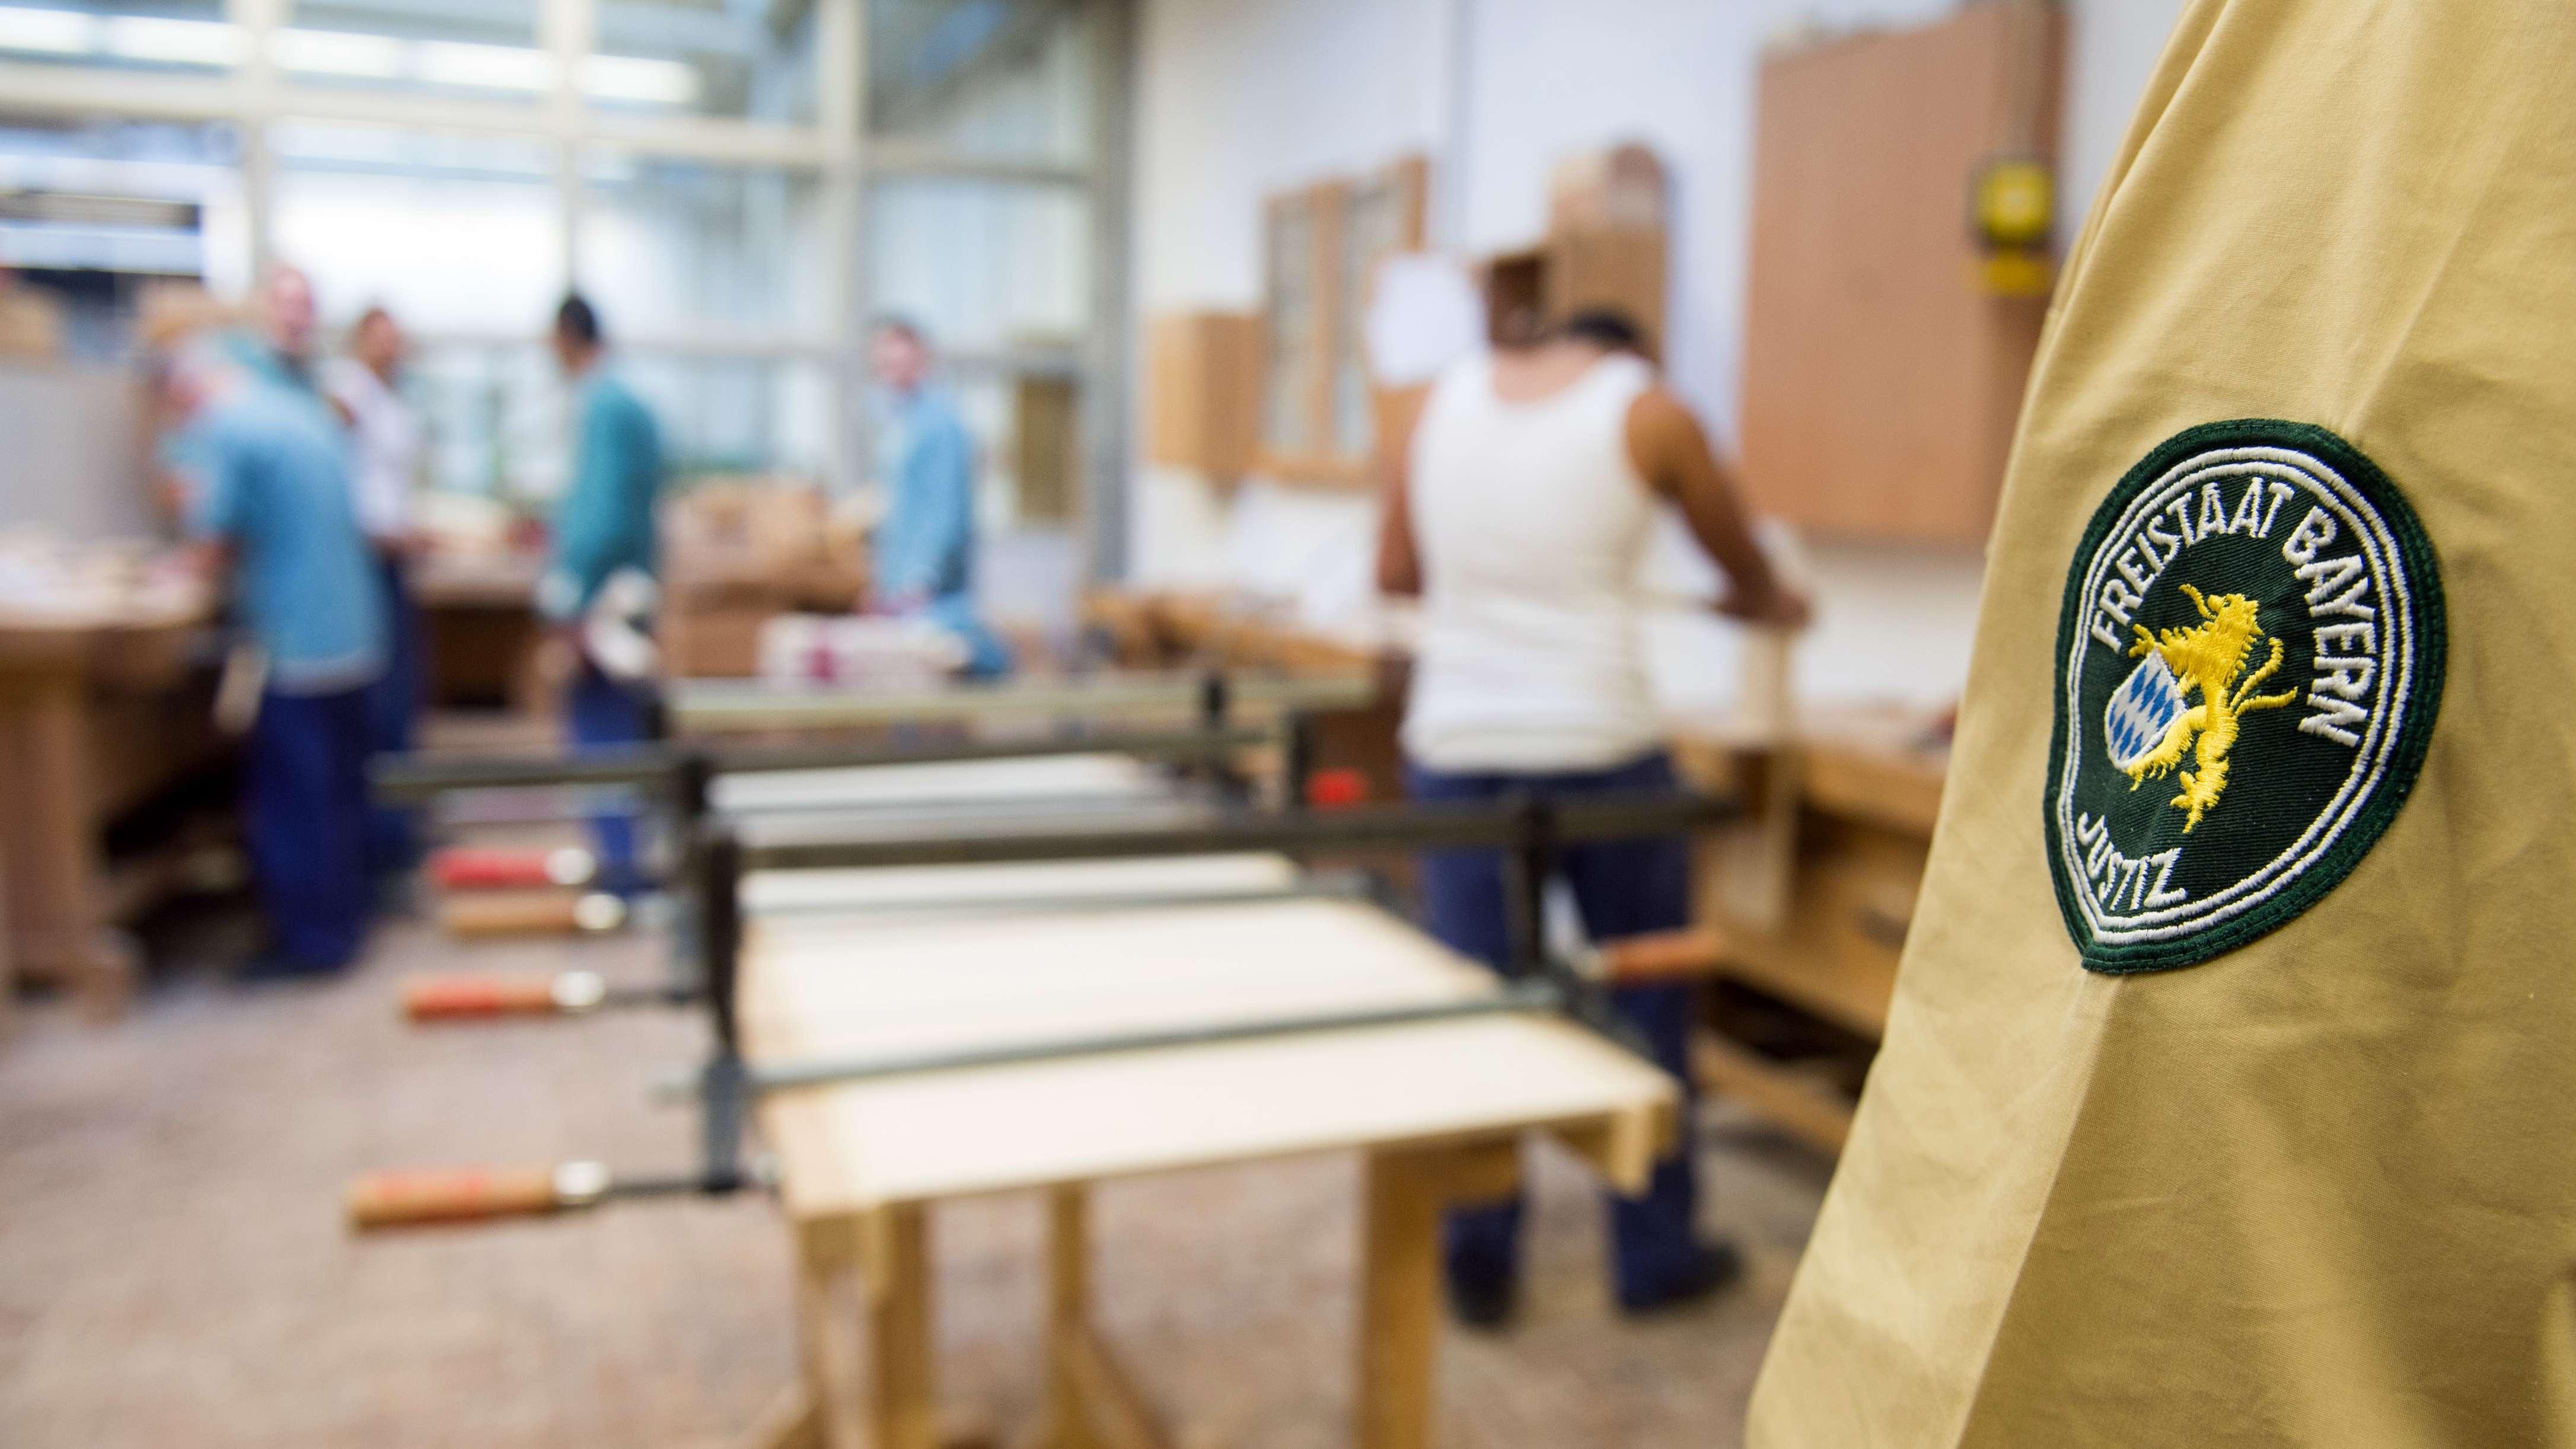 Häftlinge arbeiten in der Jugendhaftanstalt Neuburg-Herrenwörth in einer Schreinerei und werden dabei von einem Justizbeamten beaufsichtigt.